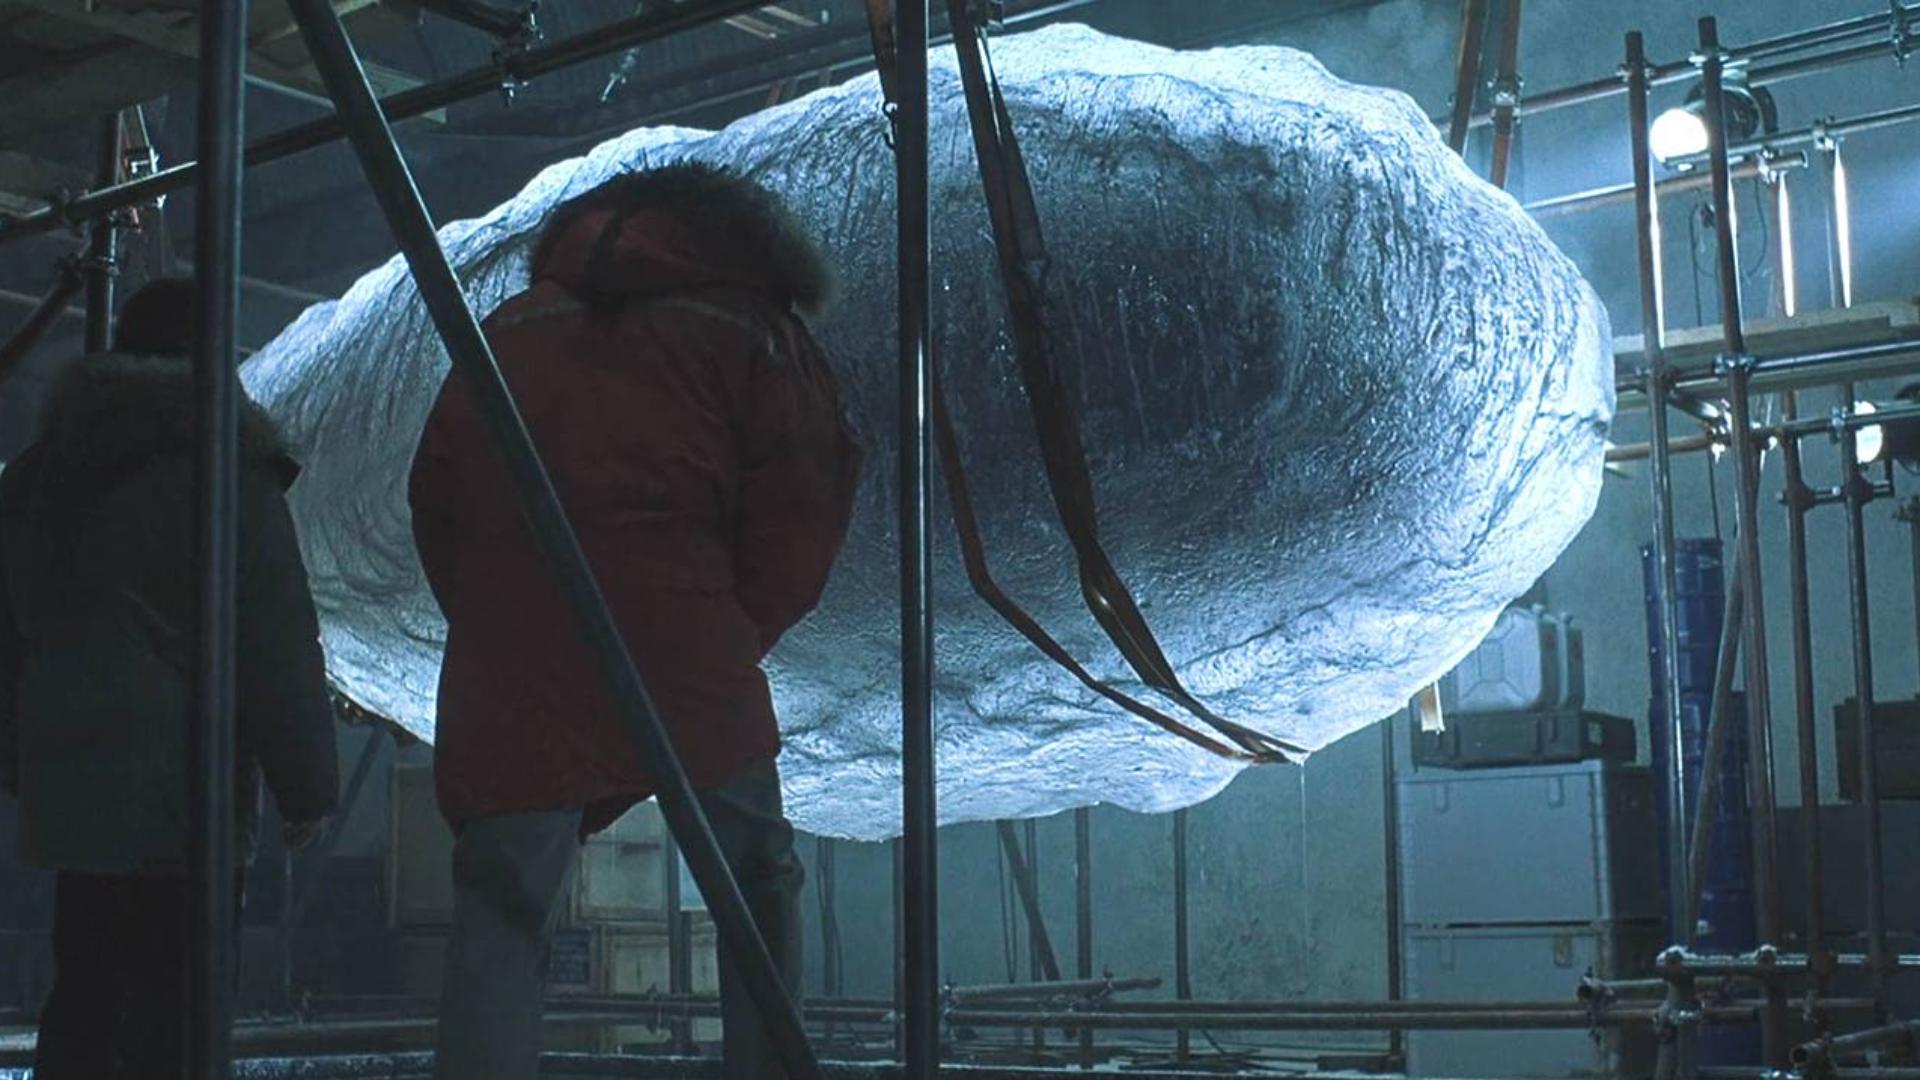 神秘生物被困巨大冰块内,人类好奇打开,却引发巨大灾难